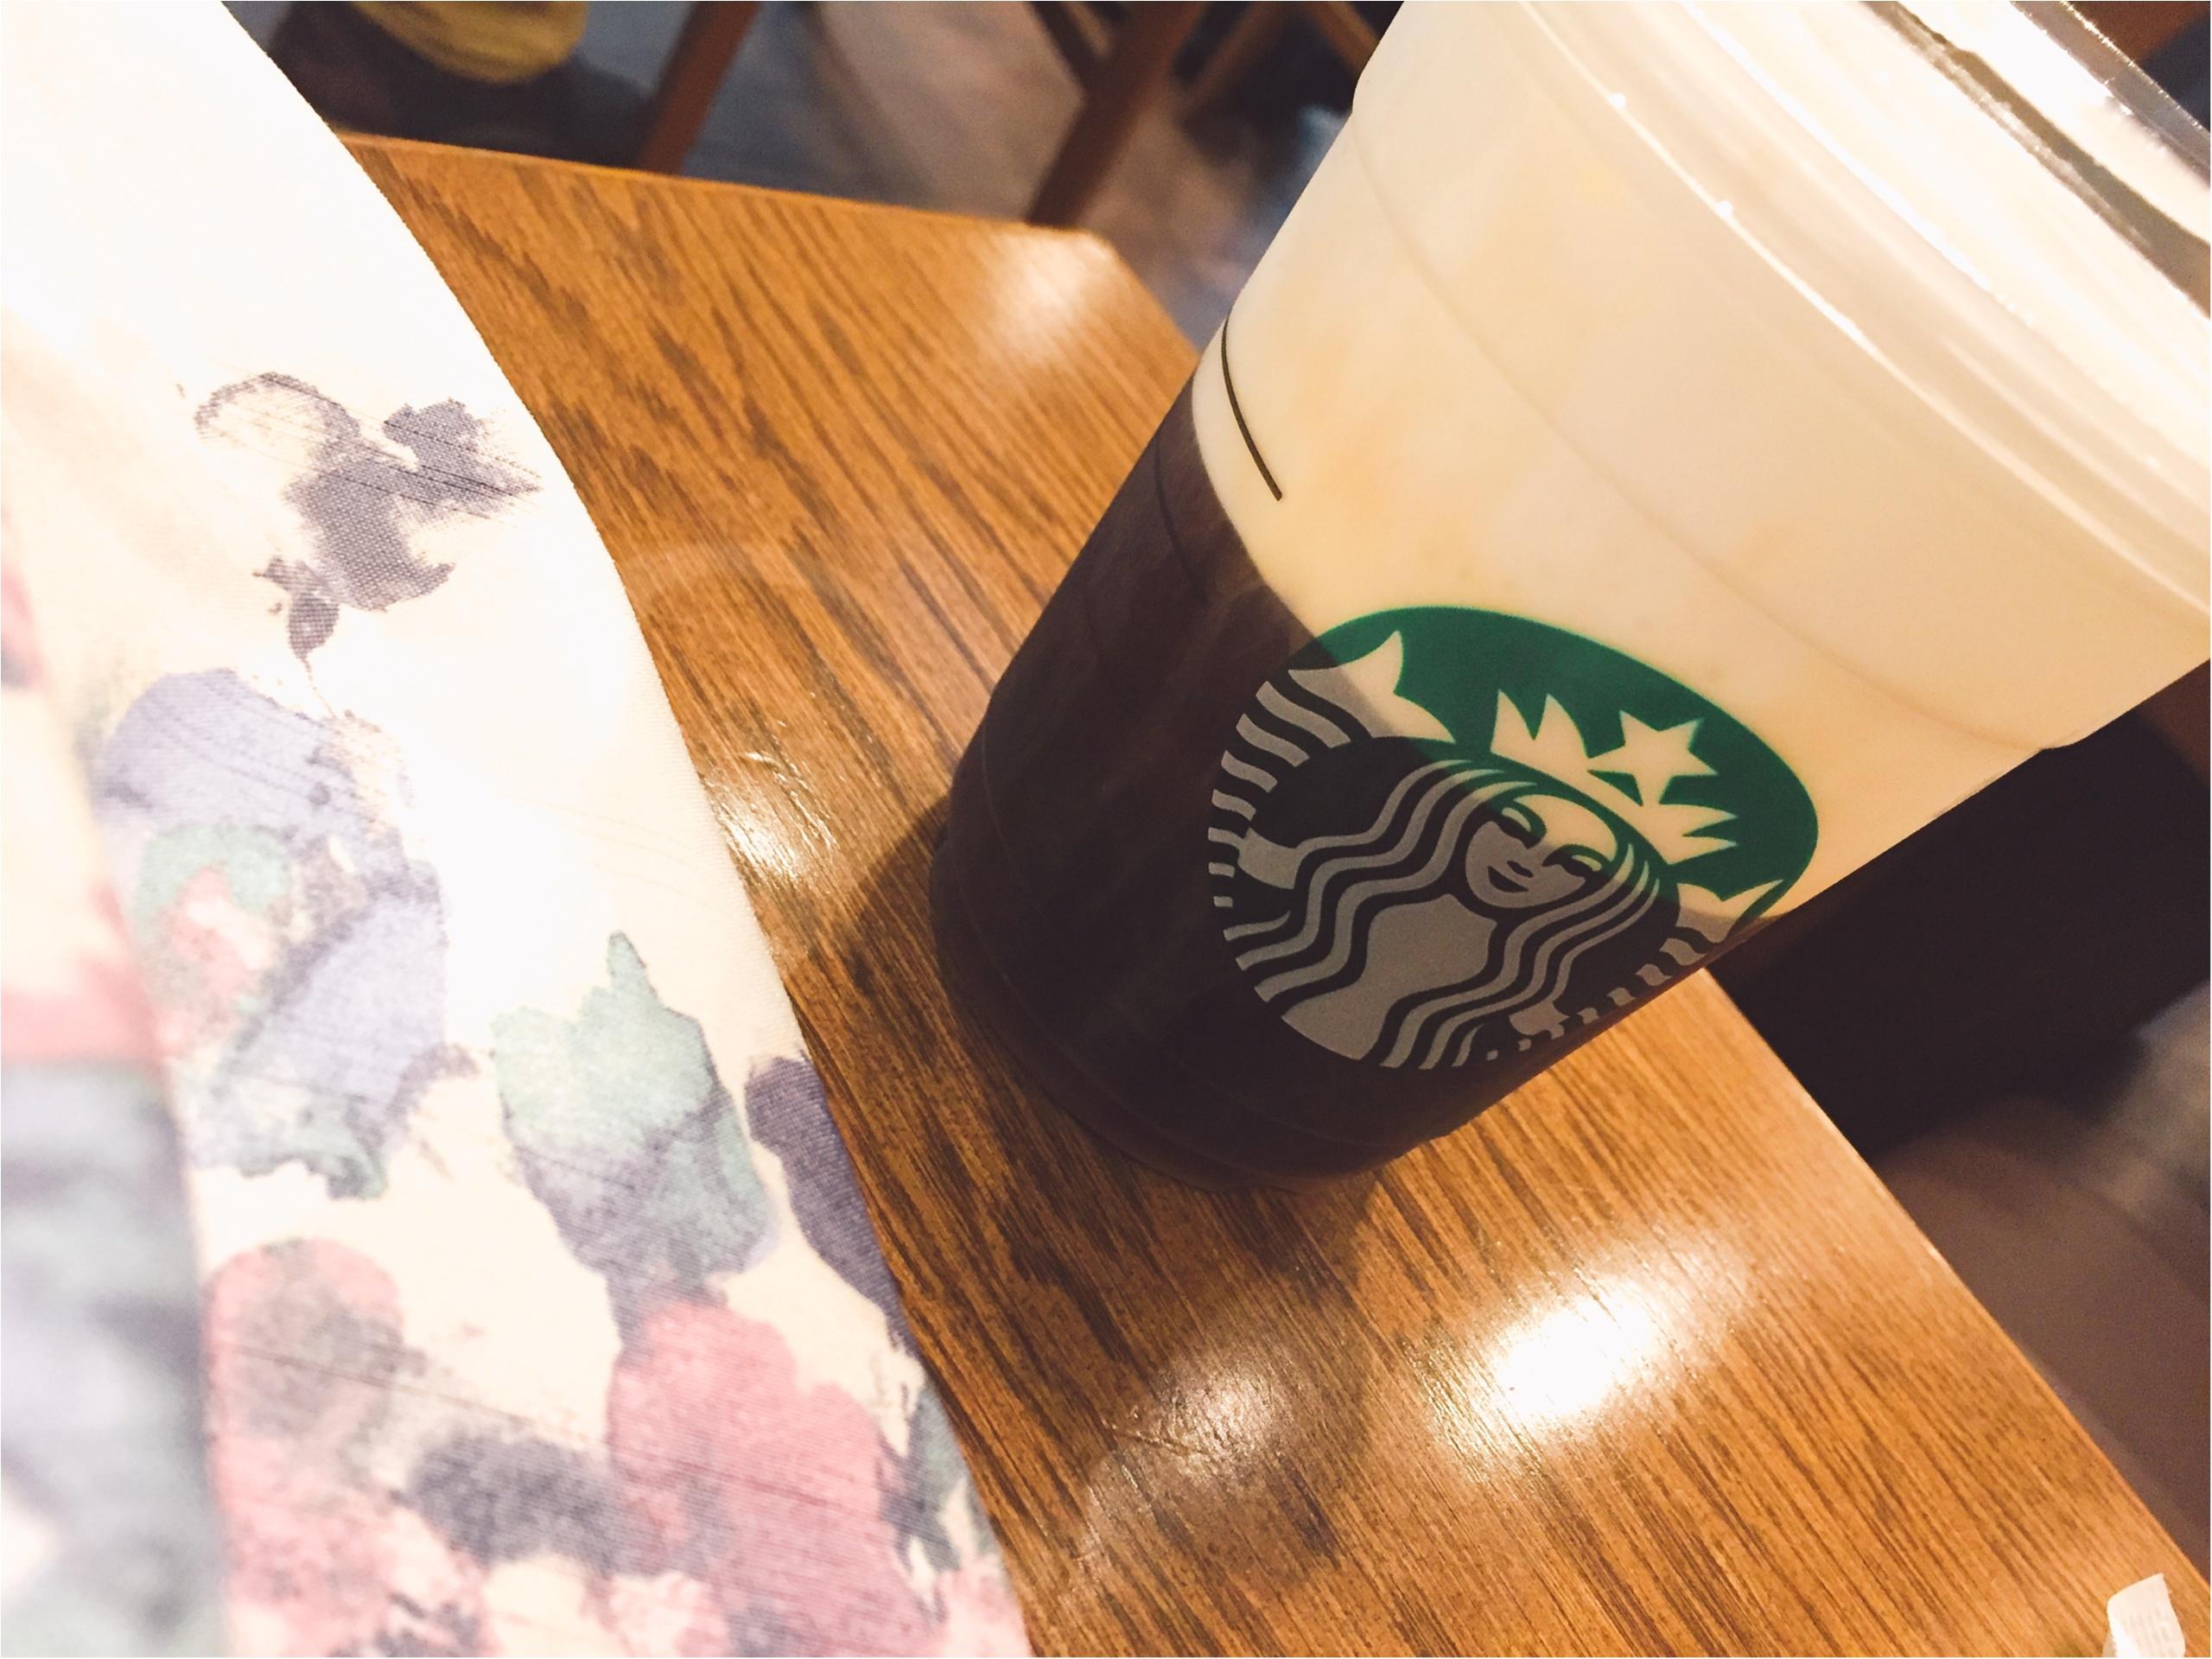 【スタバ】ブラック派でも楽しめるアレンジコーヒー!コールドブリュー ムース フォーム ヘーゼルナッツ☆_1